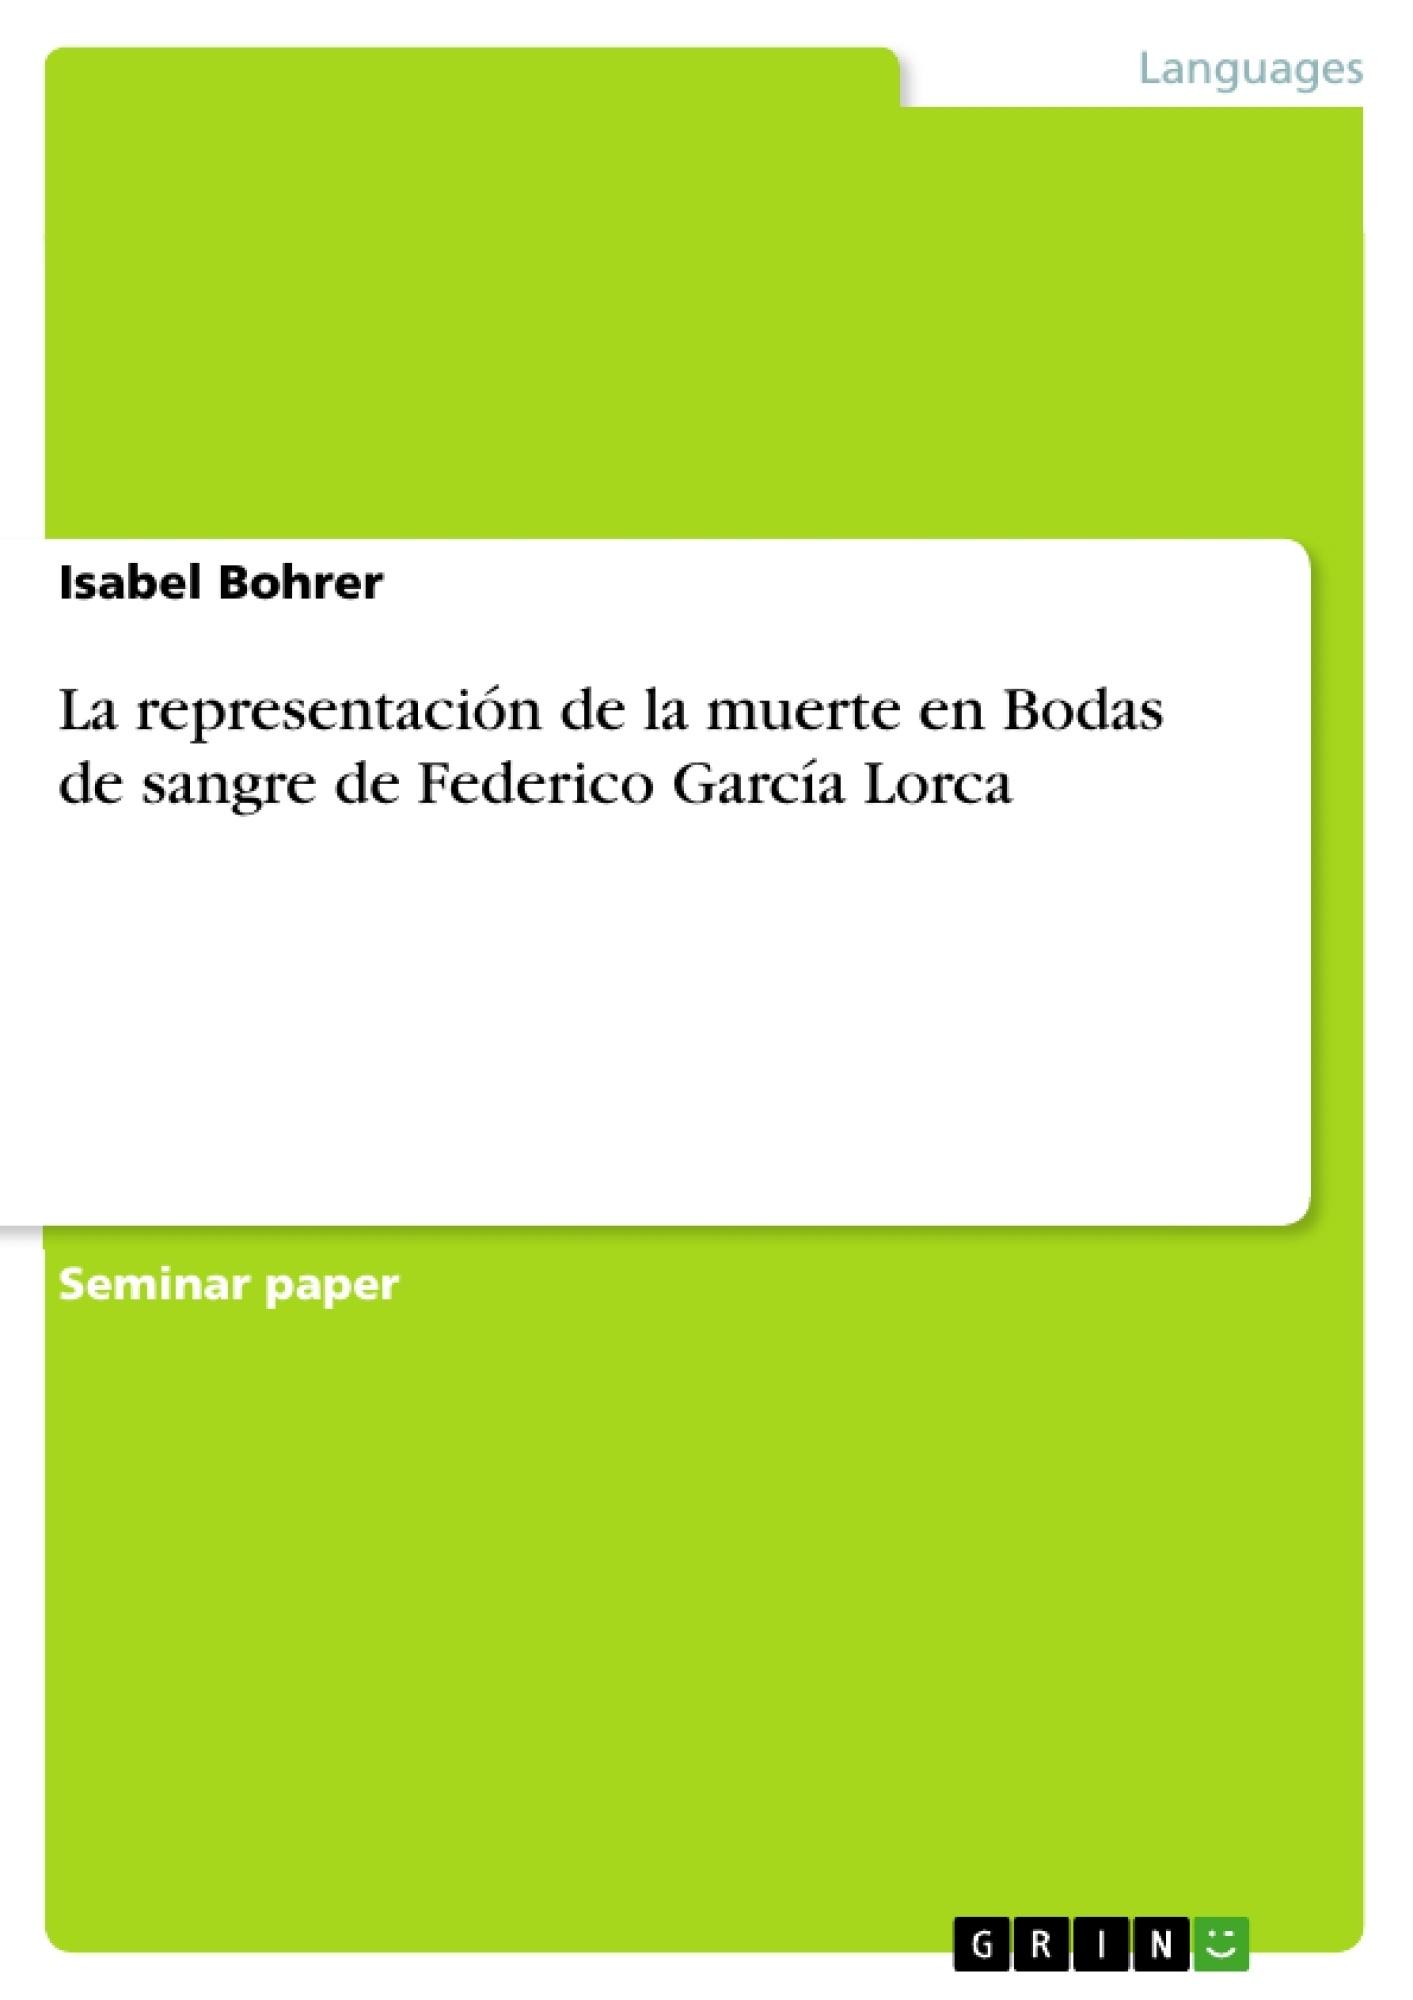 Título: La representación de la muerte en Bodas de sangre de Federico García Lorca